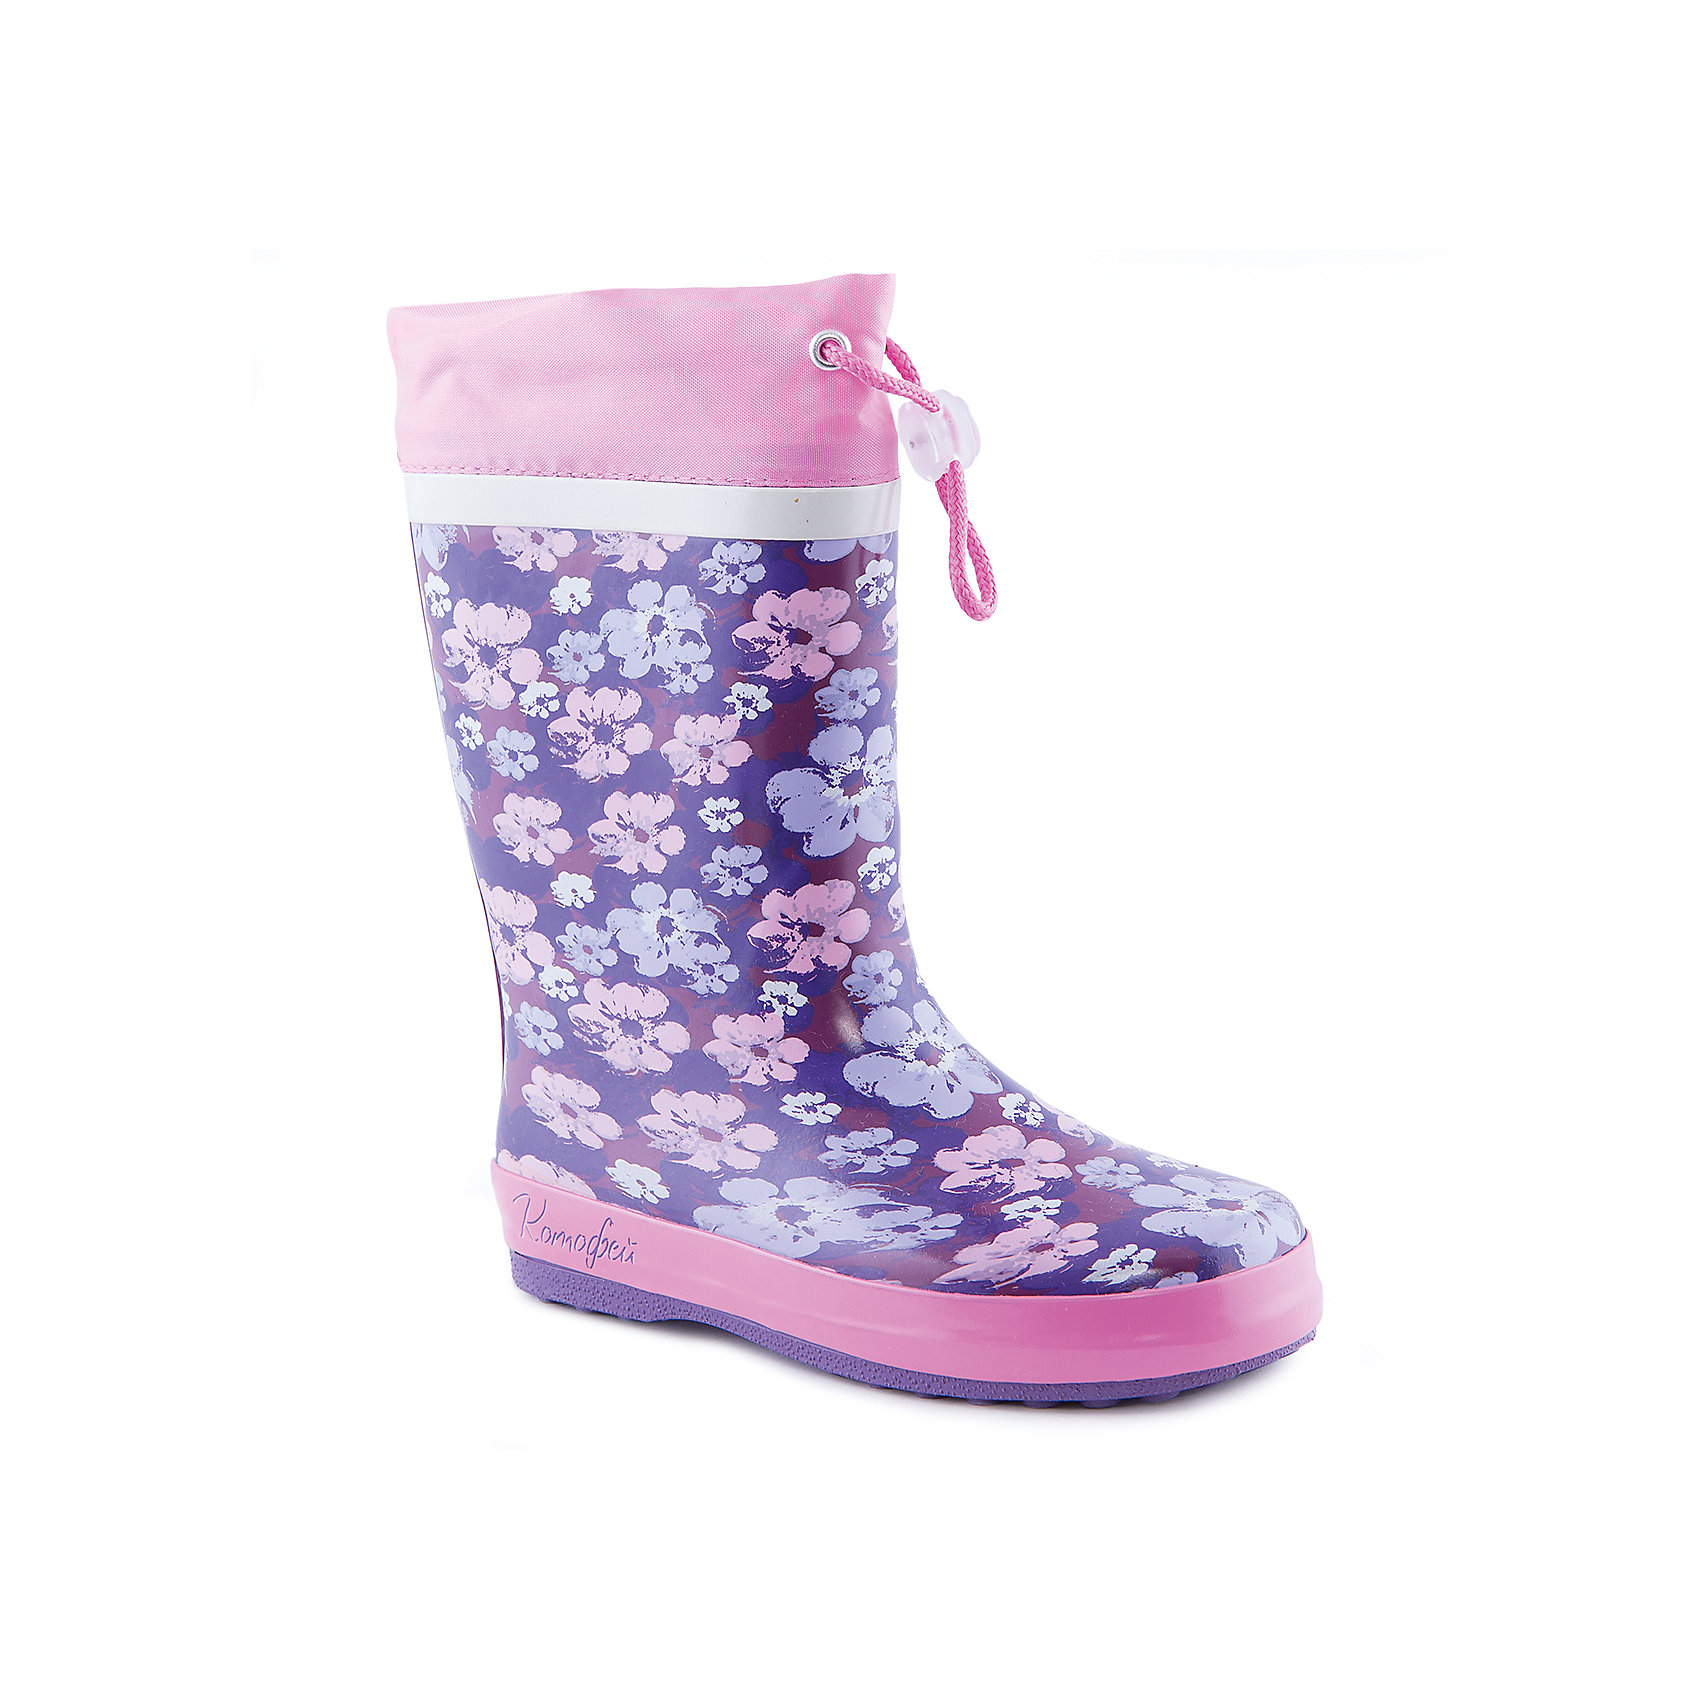 Резиновые сапоги для девочки КотофейРезиновые сапоги<br>Сапожки для девочки от известного российского бренда Котофей <br><br>Яркие модные сапоги сделаны из качественной резины. Они позволят защитить ноги ребенка от сырости.<br>Высокое голенище с утяжкой защитит одежду от грязи и влаги.<br><br>Отличительные особенности модели:<br><br>- цвет: розовый, фиолетовый;<br>- удобная колодка;<br>- утяжка со стоппером на голенище;<br>- качественные материалы;<br>- толстая устойчивая подошва;<br>- сделаны с помощью горячей вулканизации;<br>- текстильная подкладка;<br>- декорированы принтом.<br><br>Дополнительная информация:<br><br>Температурный режим: от +5° С до +25° С.<br><br>Состав:<br>верх - резина;<br>подкладка - текстиль;<br>подошва - резина.<br><br>Сапожки для девочки Котофей можно купить в нашем магазине.<br><br>Ширина мм: 257<br>Глубина мм: 180<br>Высота мм: 130<br>Вес г: 420<br>Цвет: фиолетовый<br>Возраст от месяцев: 108<br>Возраст до месяцев: 120<br>Пол: Женский<br>Возраст: Детский<br>Размер: 33,31,32,35,34,30<br>SKU: 4565920